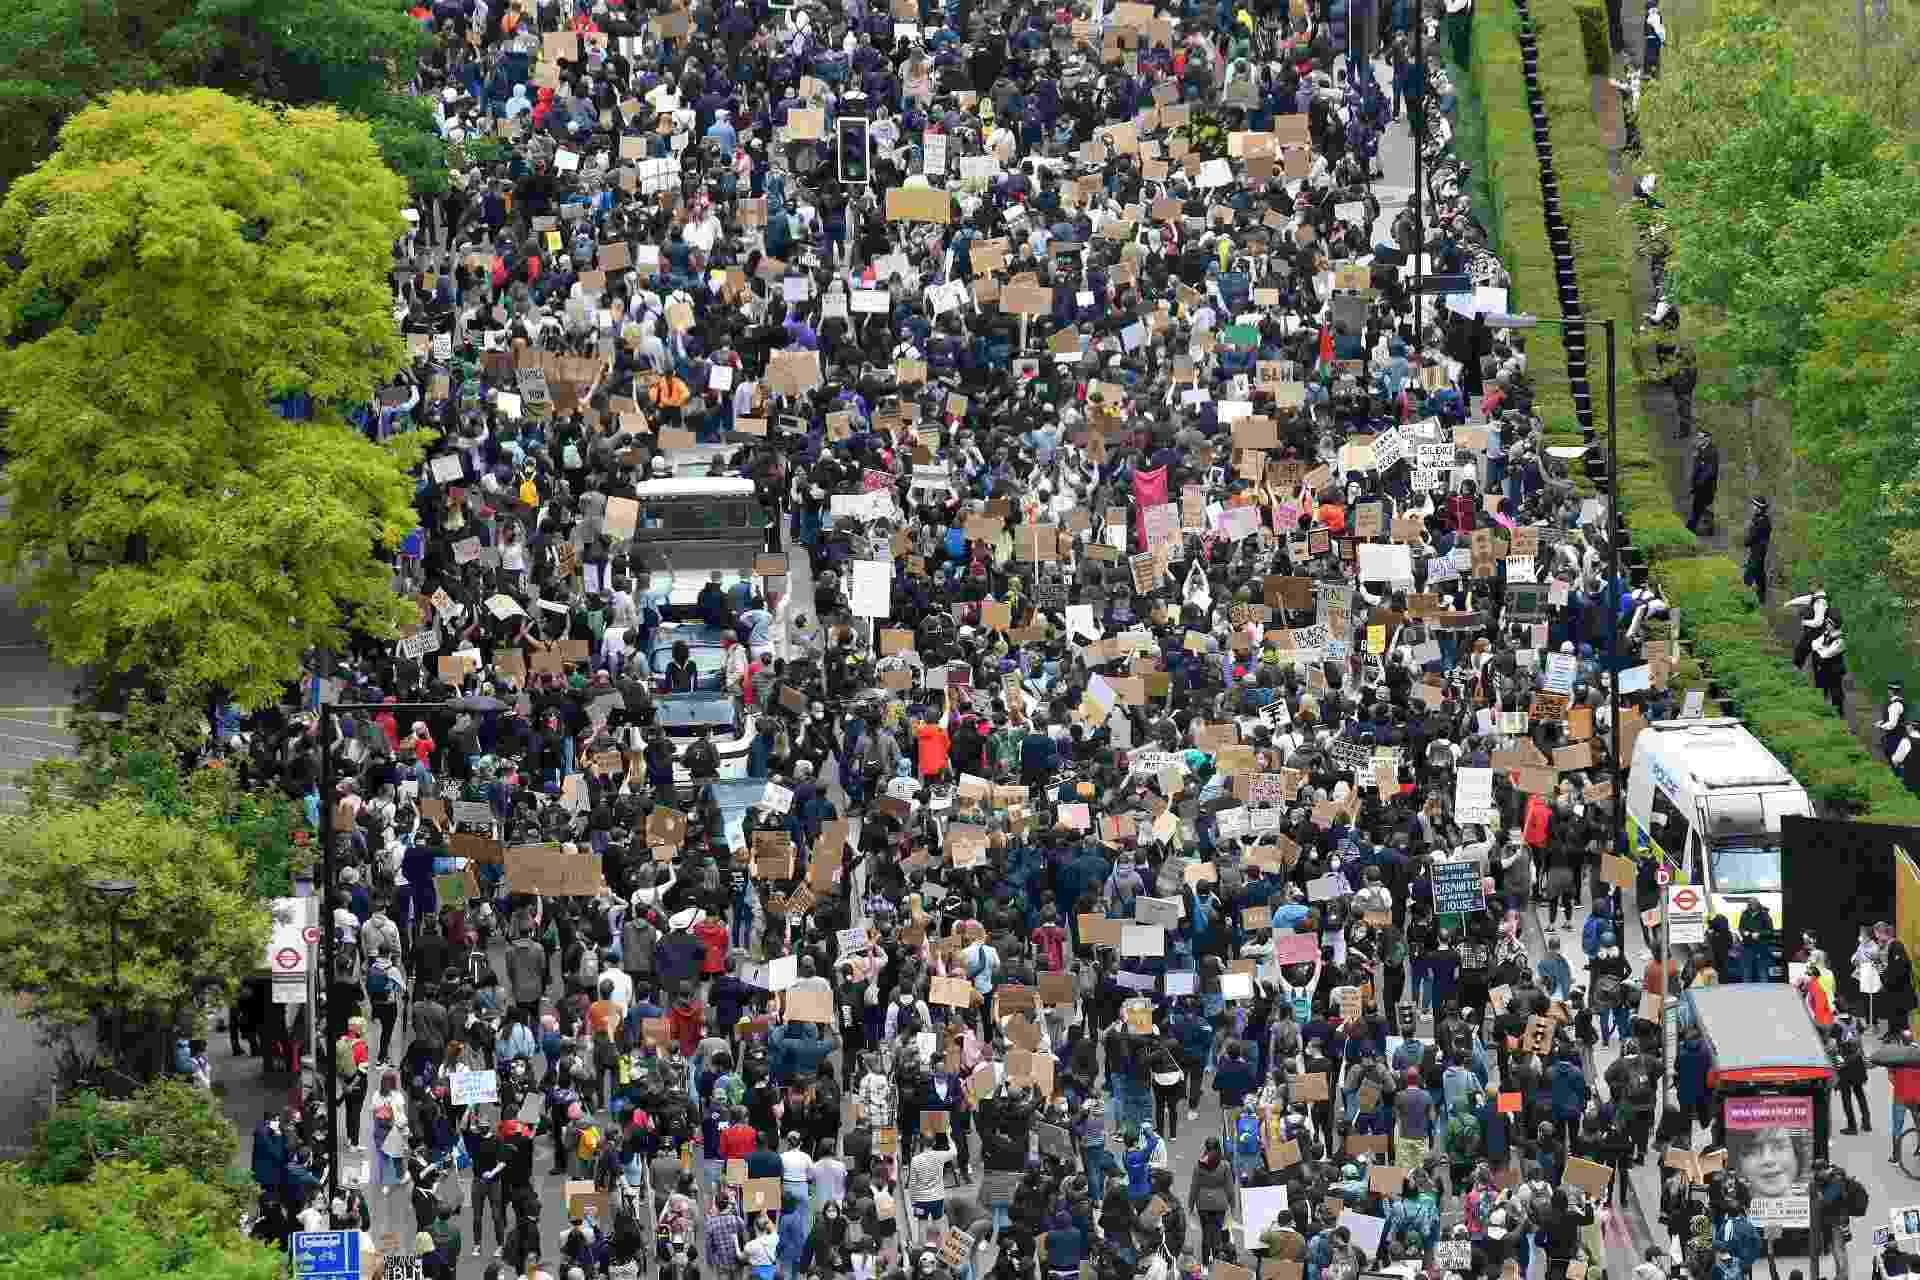 Manifestantes reunidos em frente à Embaixada dos EUA em Londres - JUSTIN TALLIS/AFP